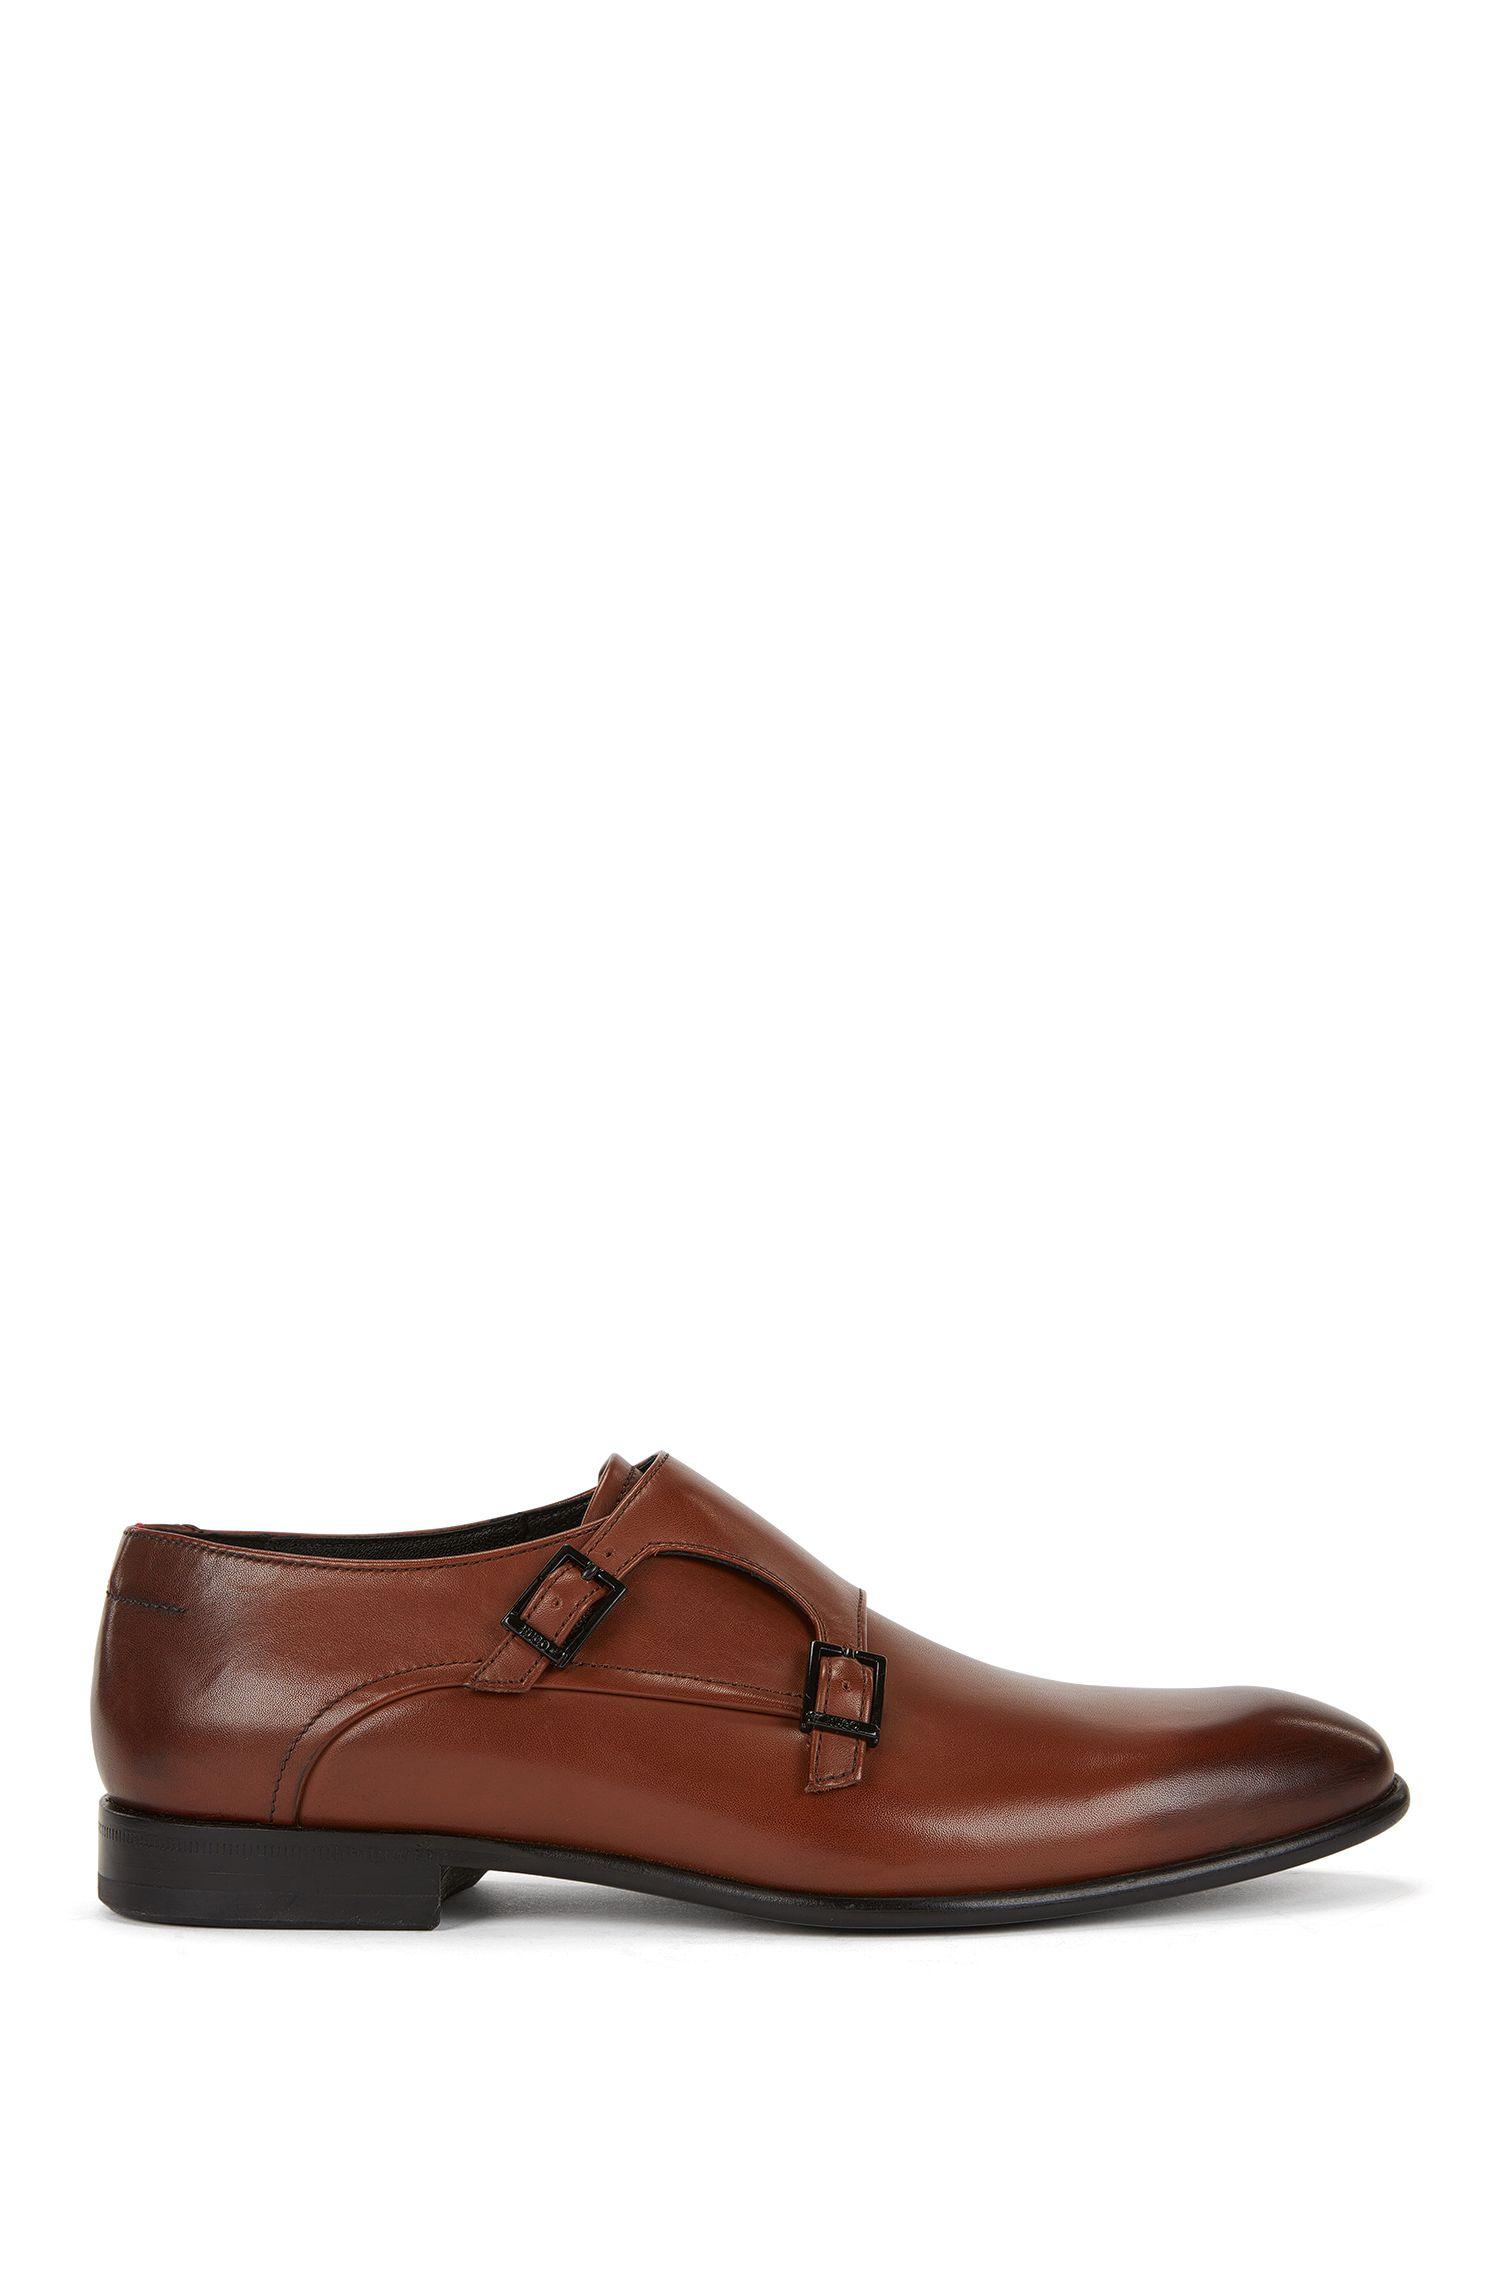 Zapatos con hebilla doble en piel de becerro pulida